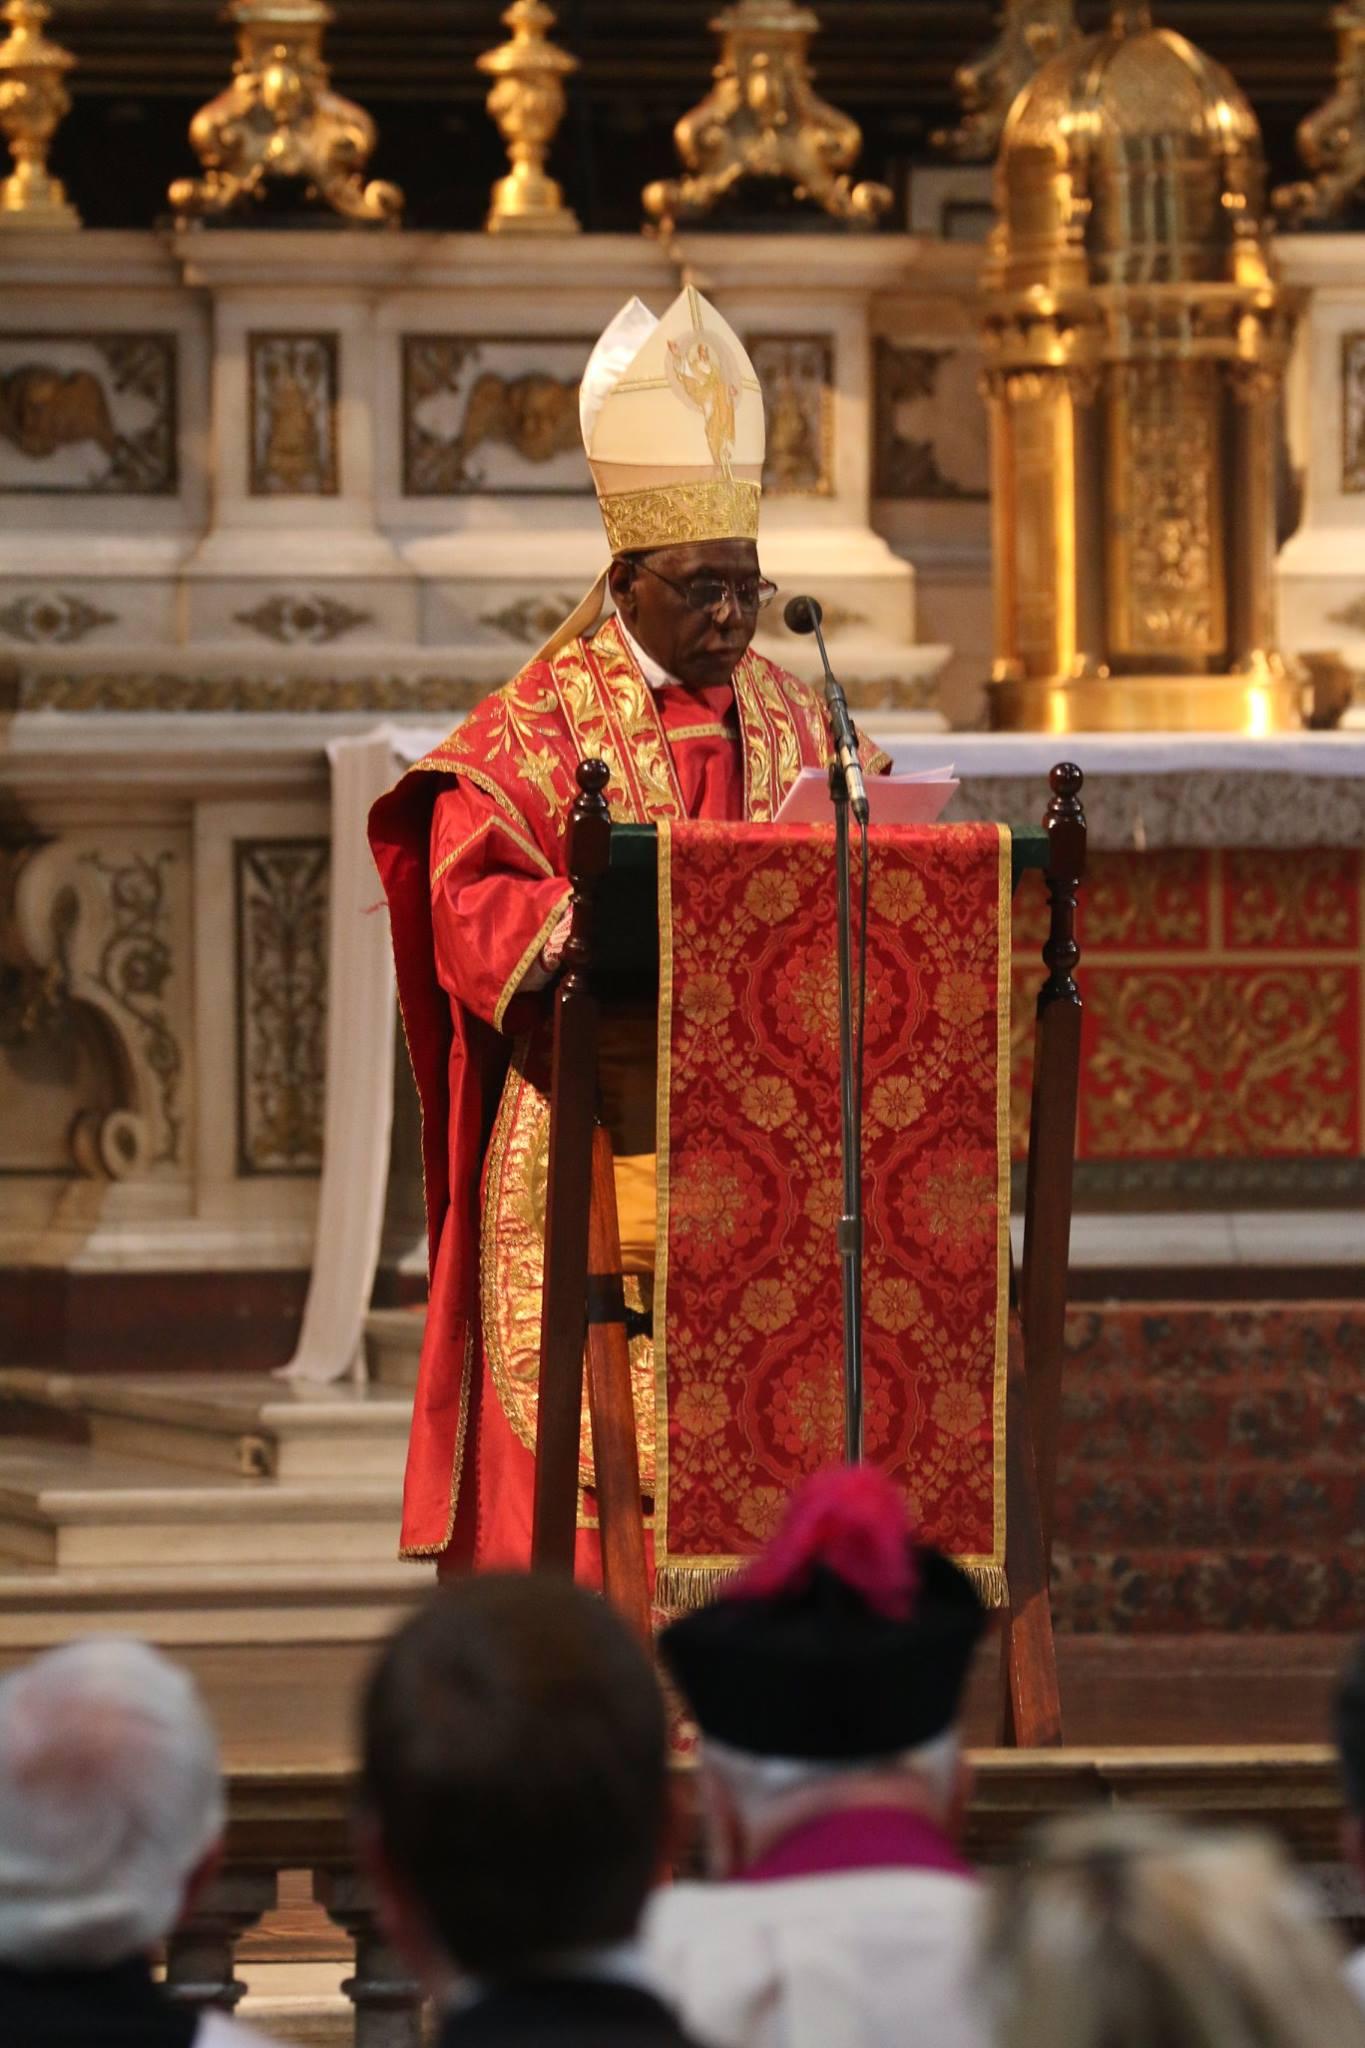 Photo courtesy of Sacra Liturgia